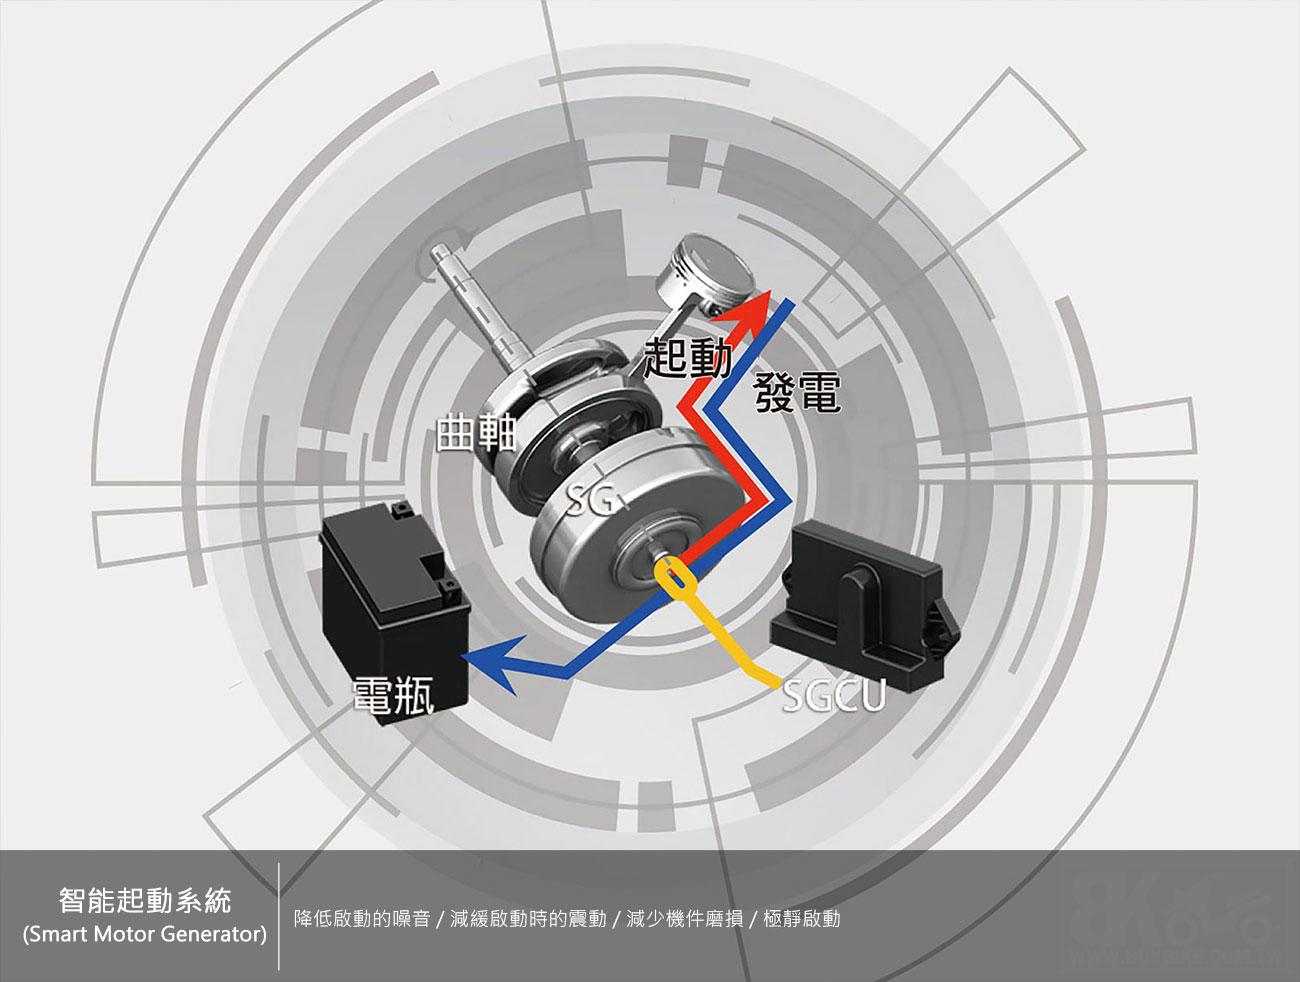 06.智能起動系統(Smart-Motor-Generator)